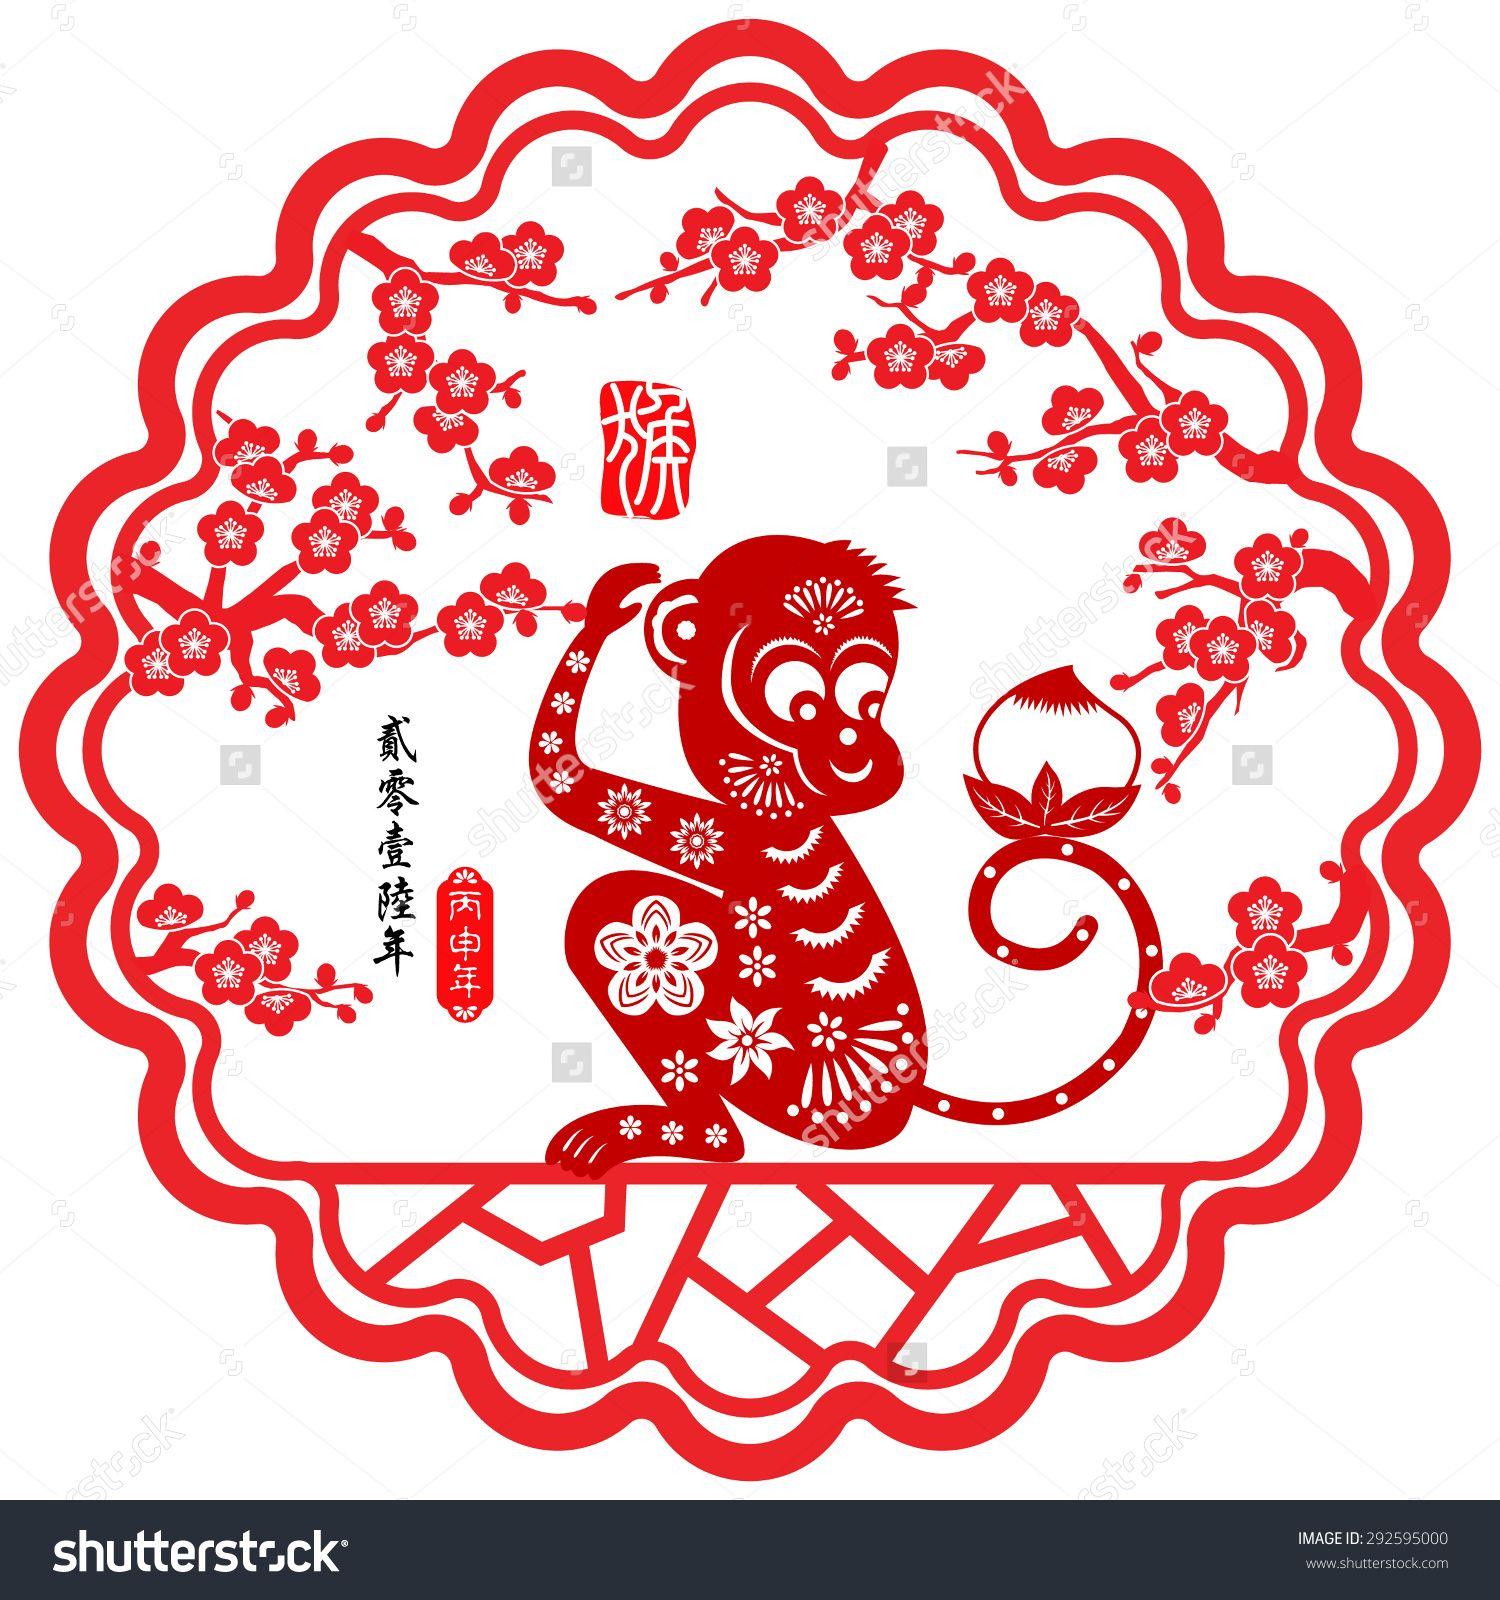 chinese new year monkey - Google Search | chinese new year monkey ...